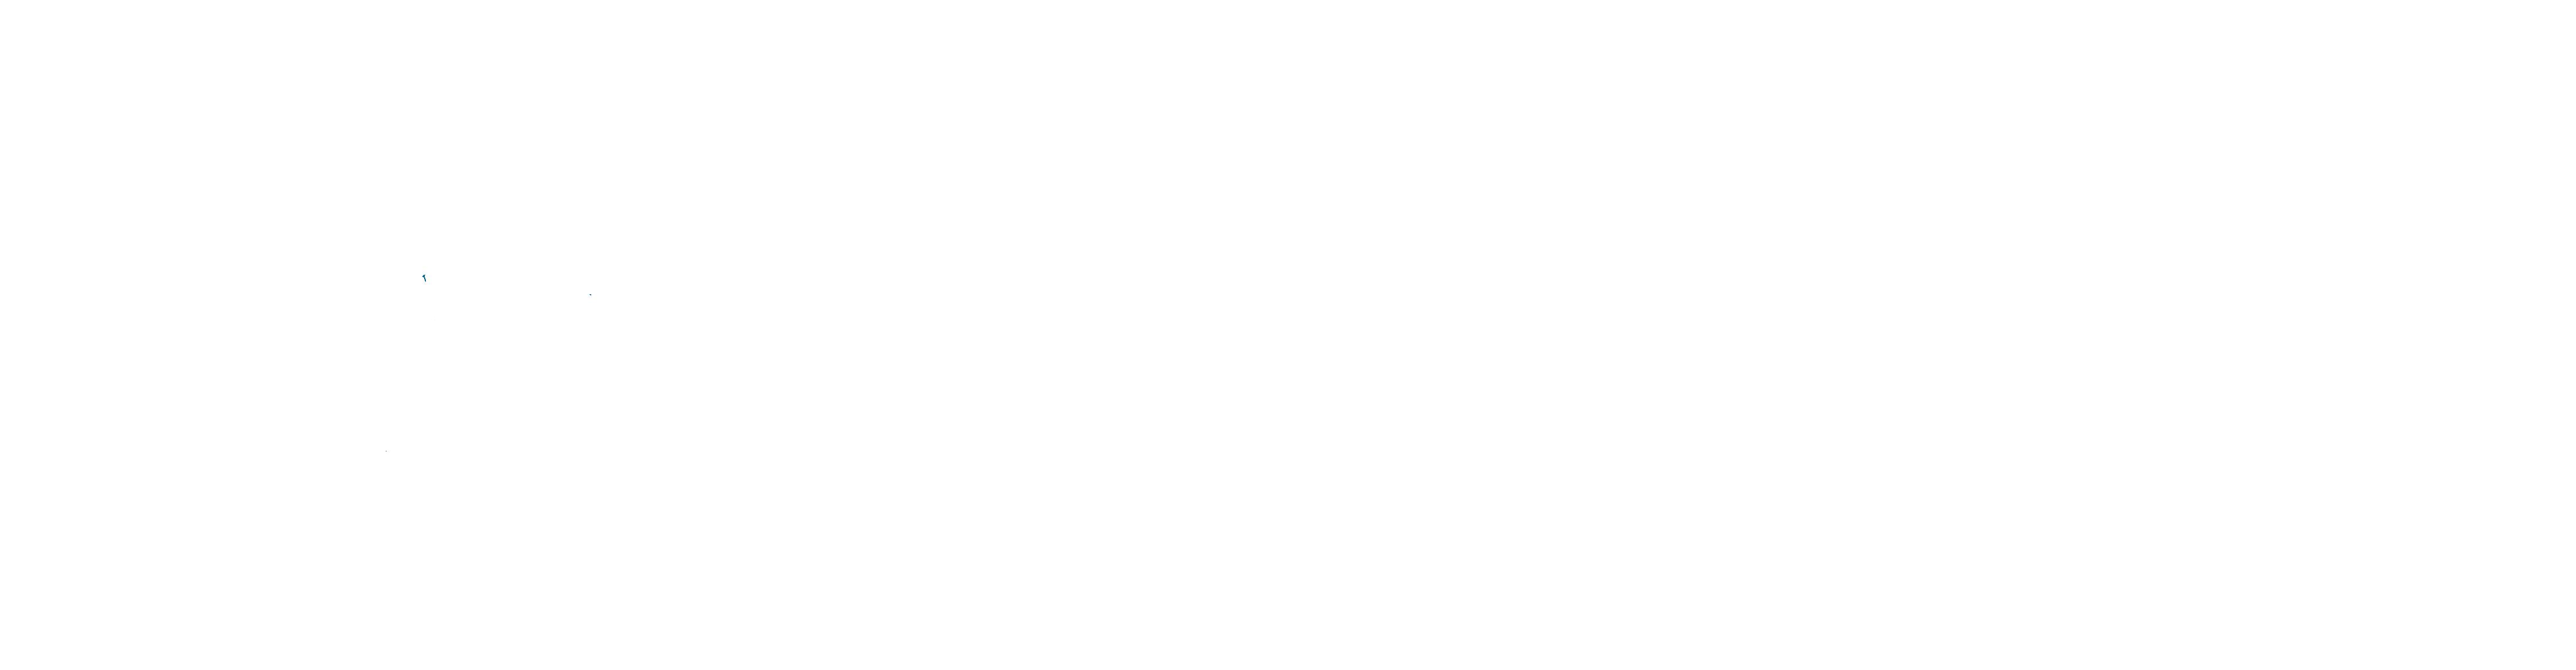 Owlchemy